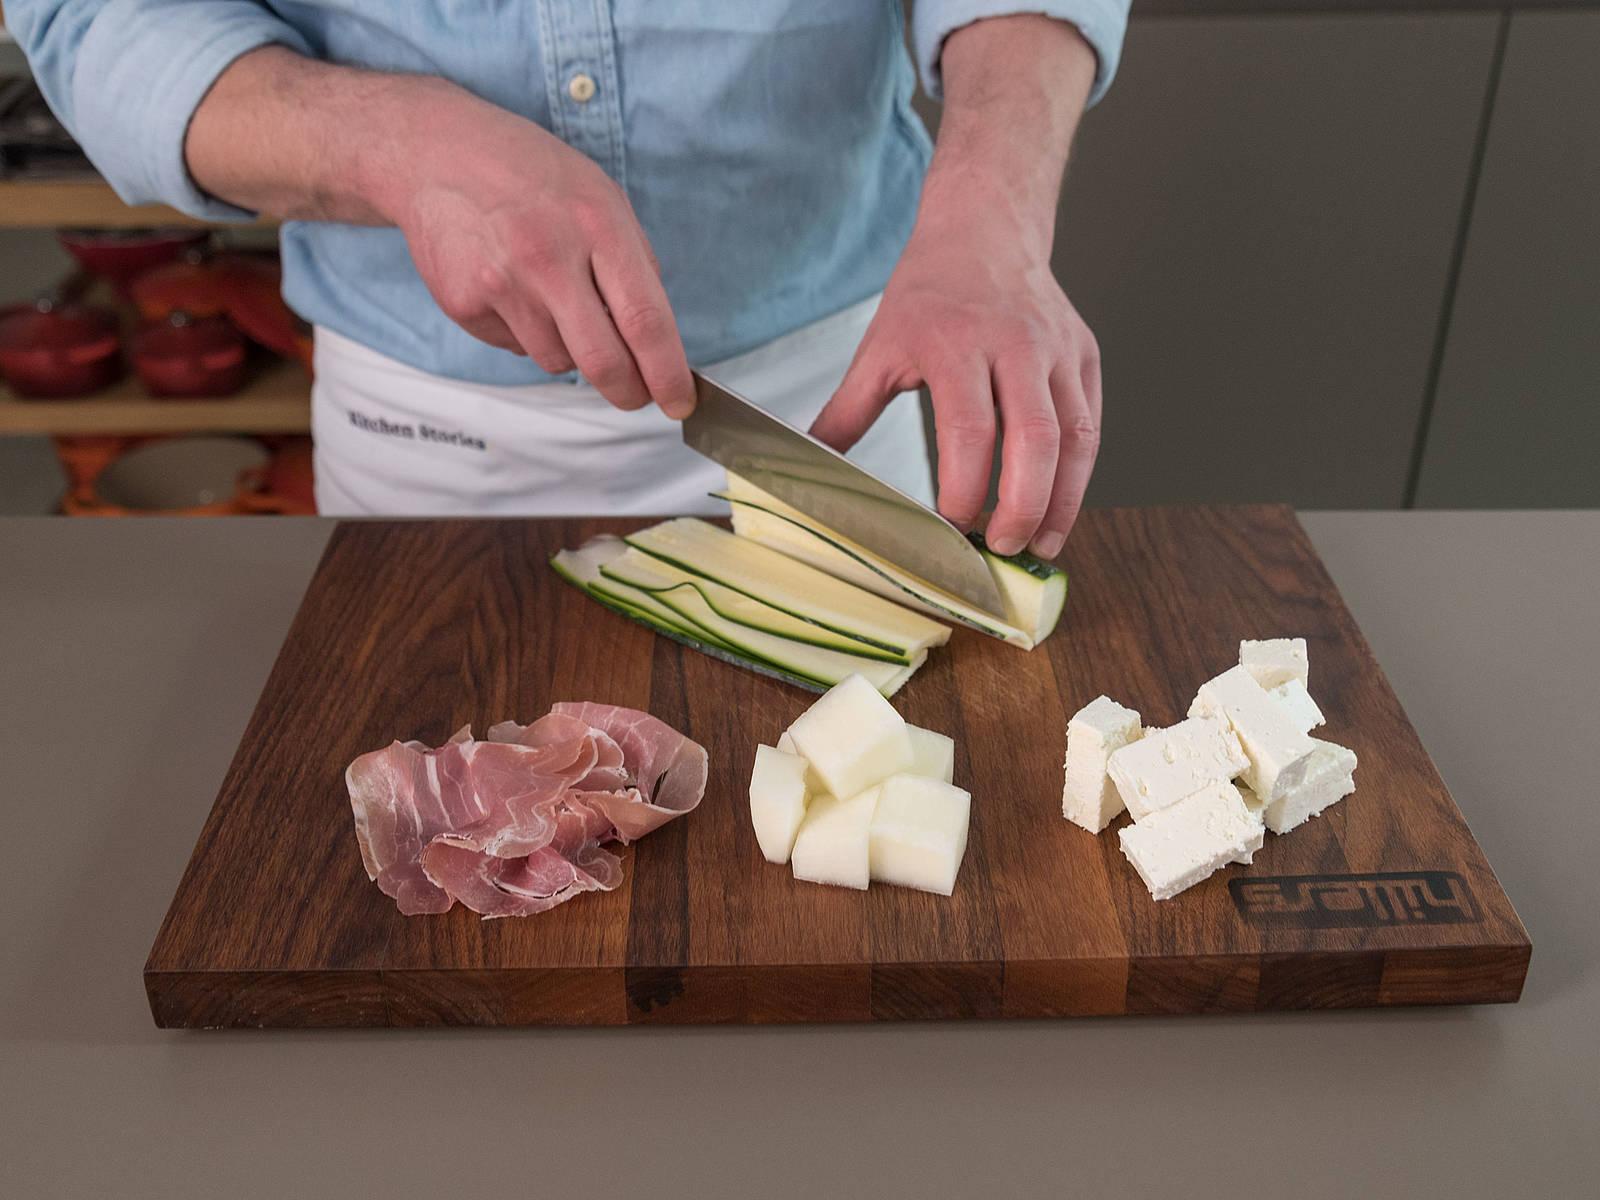 菲达芝士和哈蜜瓜切成大小均匀的小块。西葫芦竖着切成薄片。